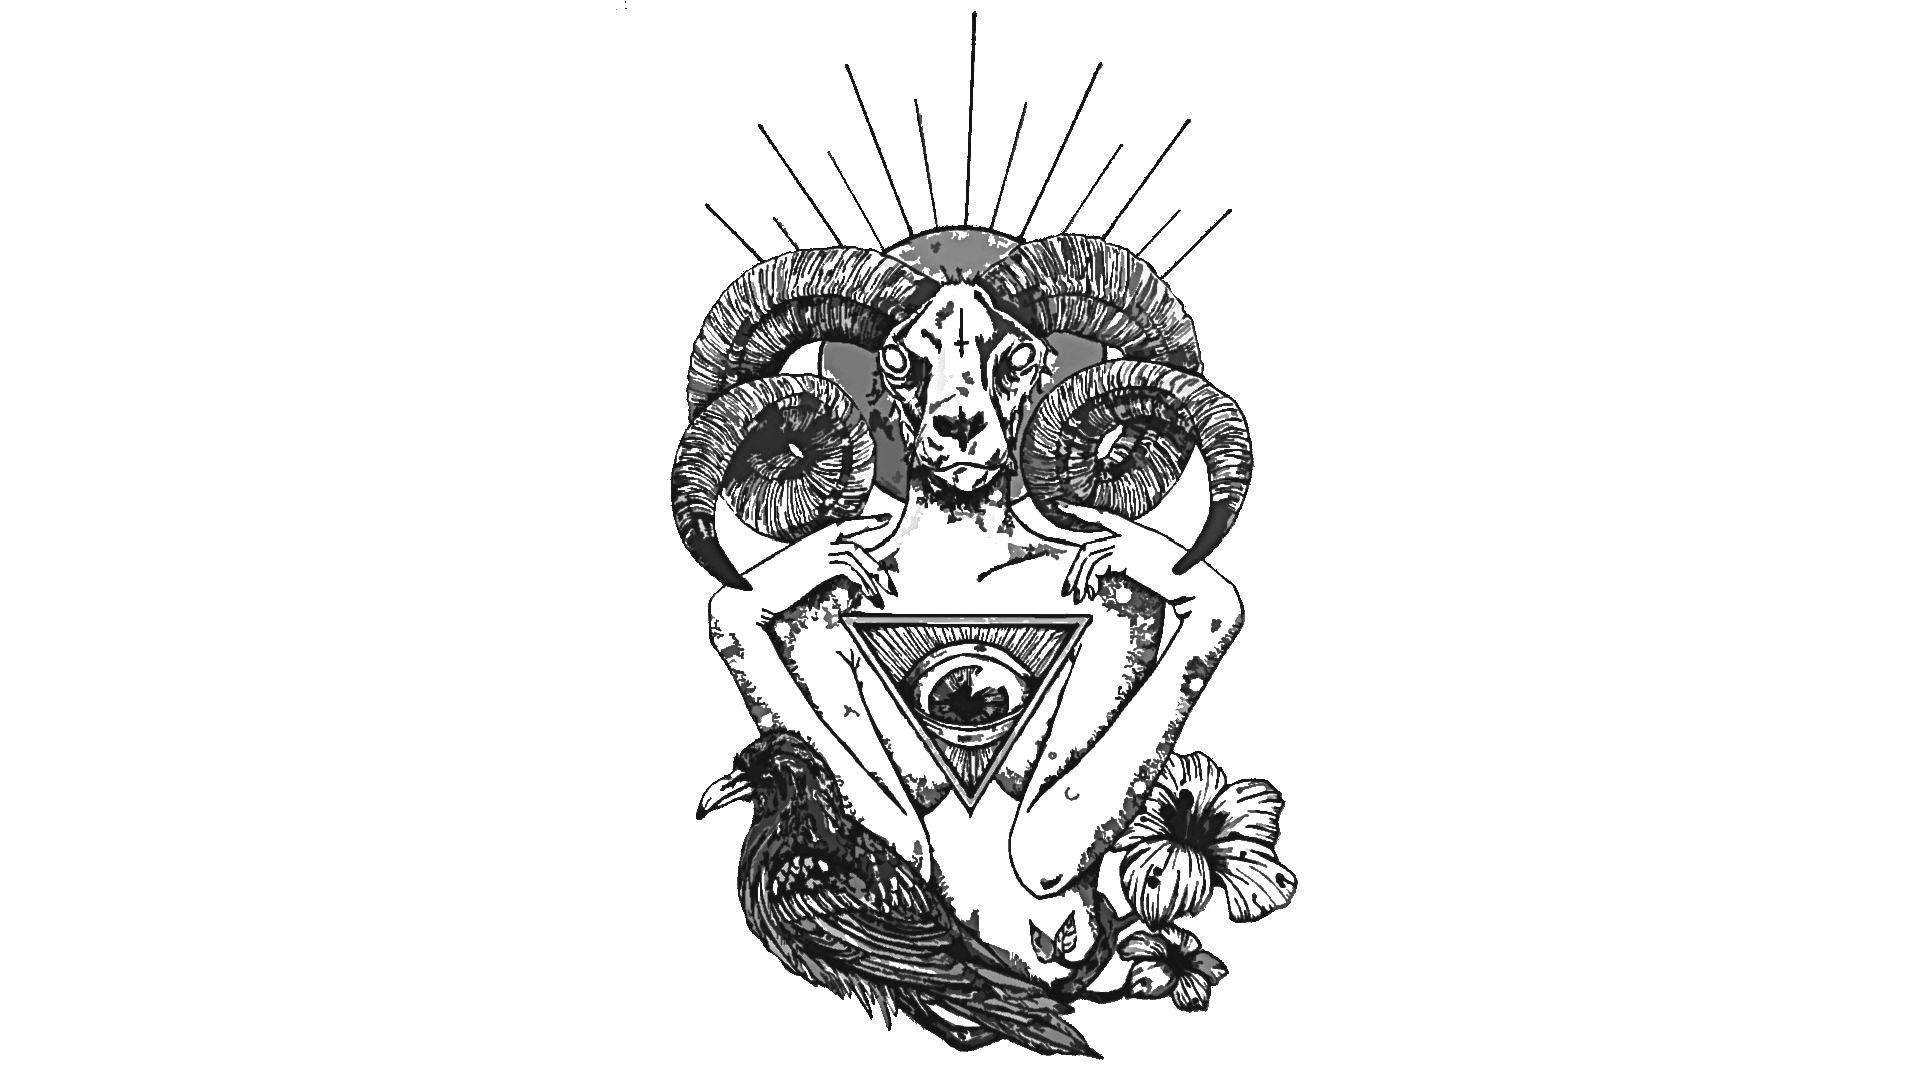 Satanic wallpaper download